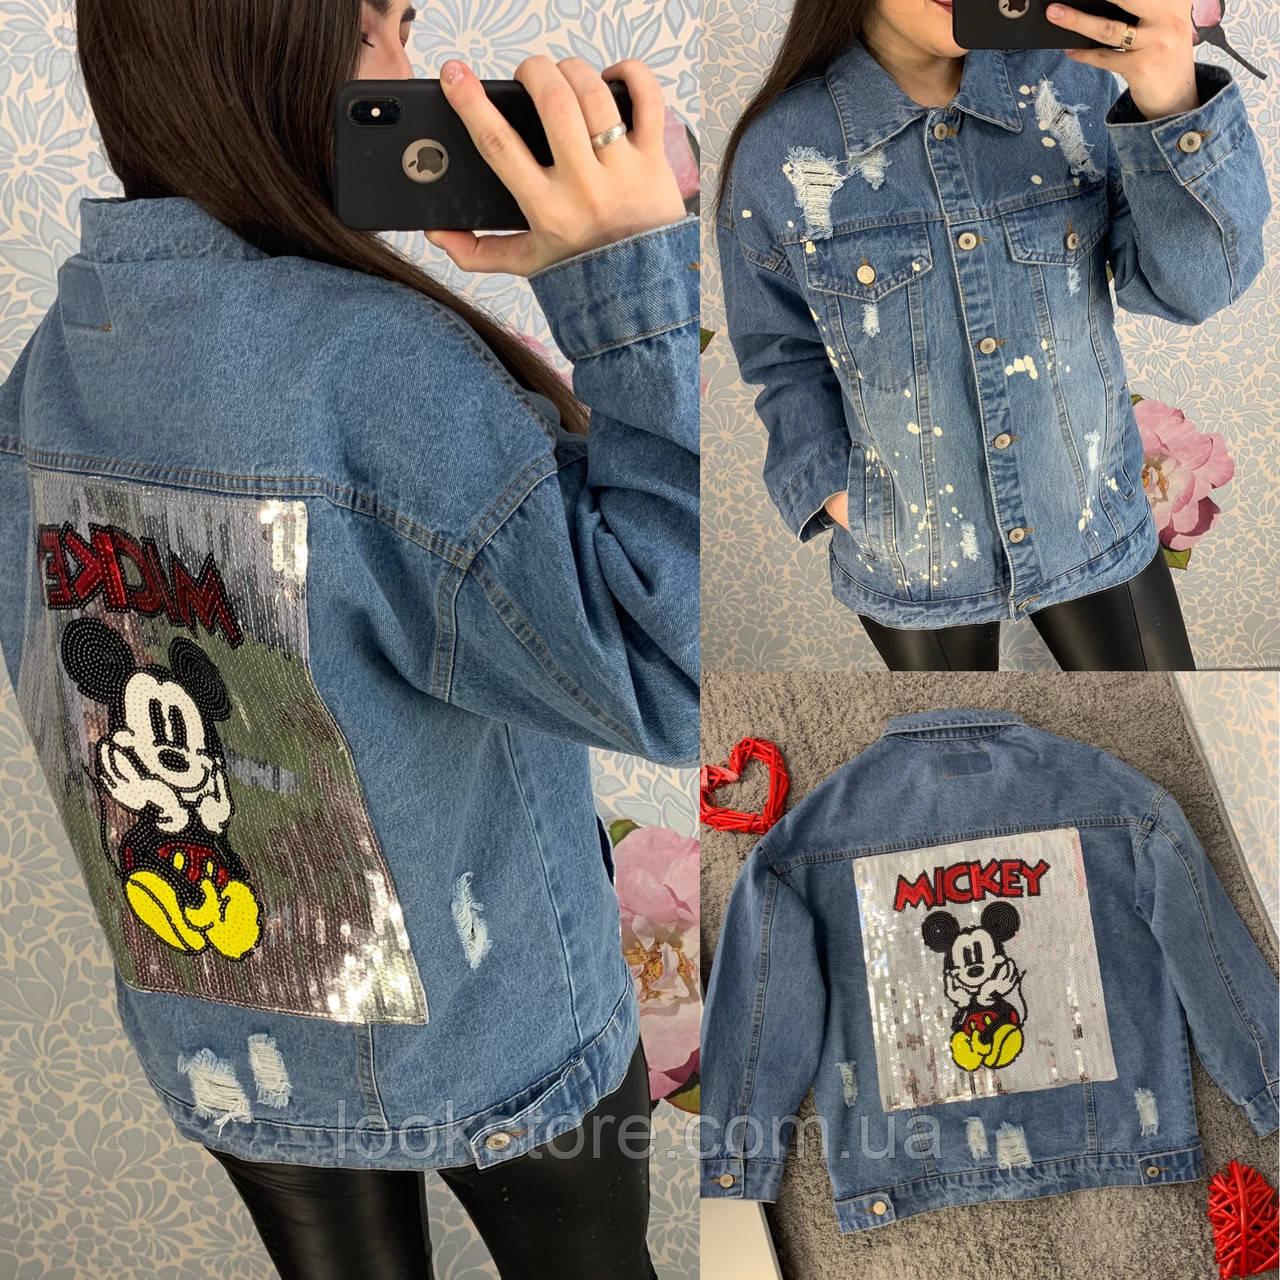 Женская джинсовая куртка с пайетками Mikki